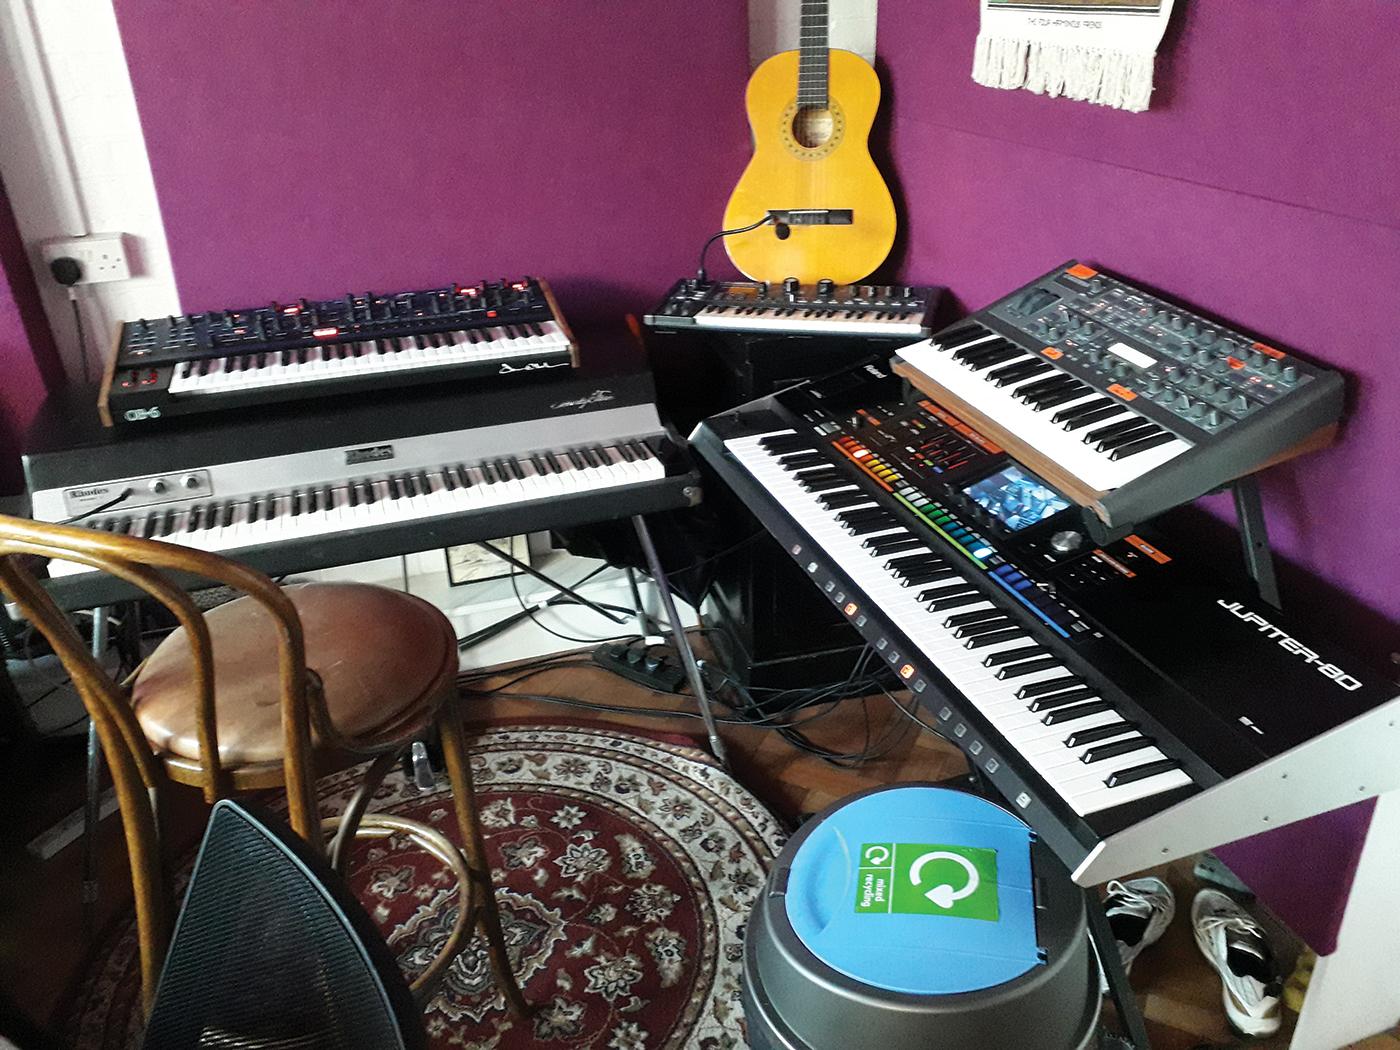 Rudimental's studio